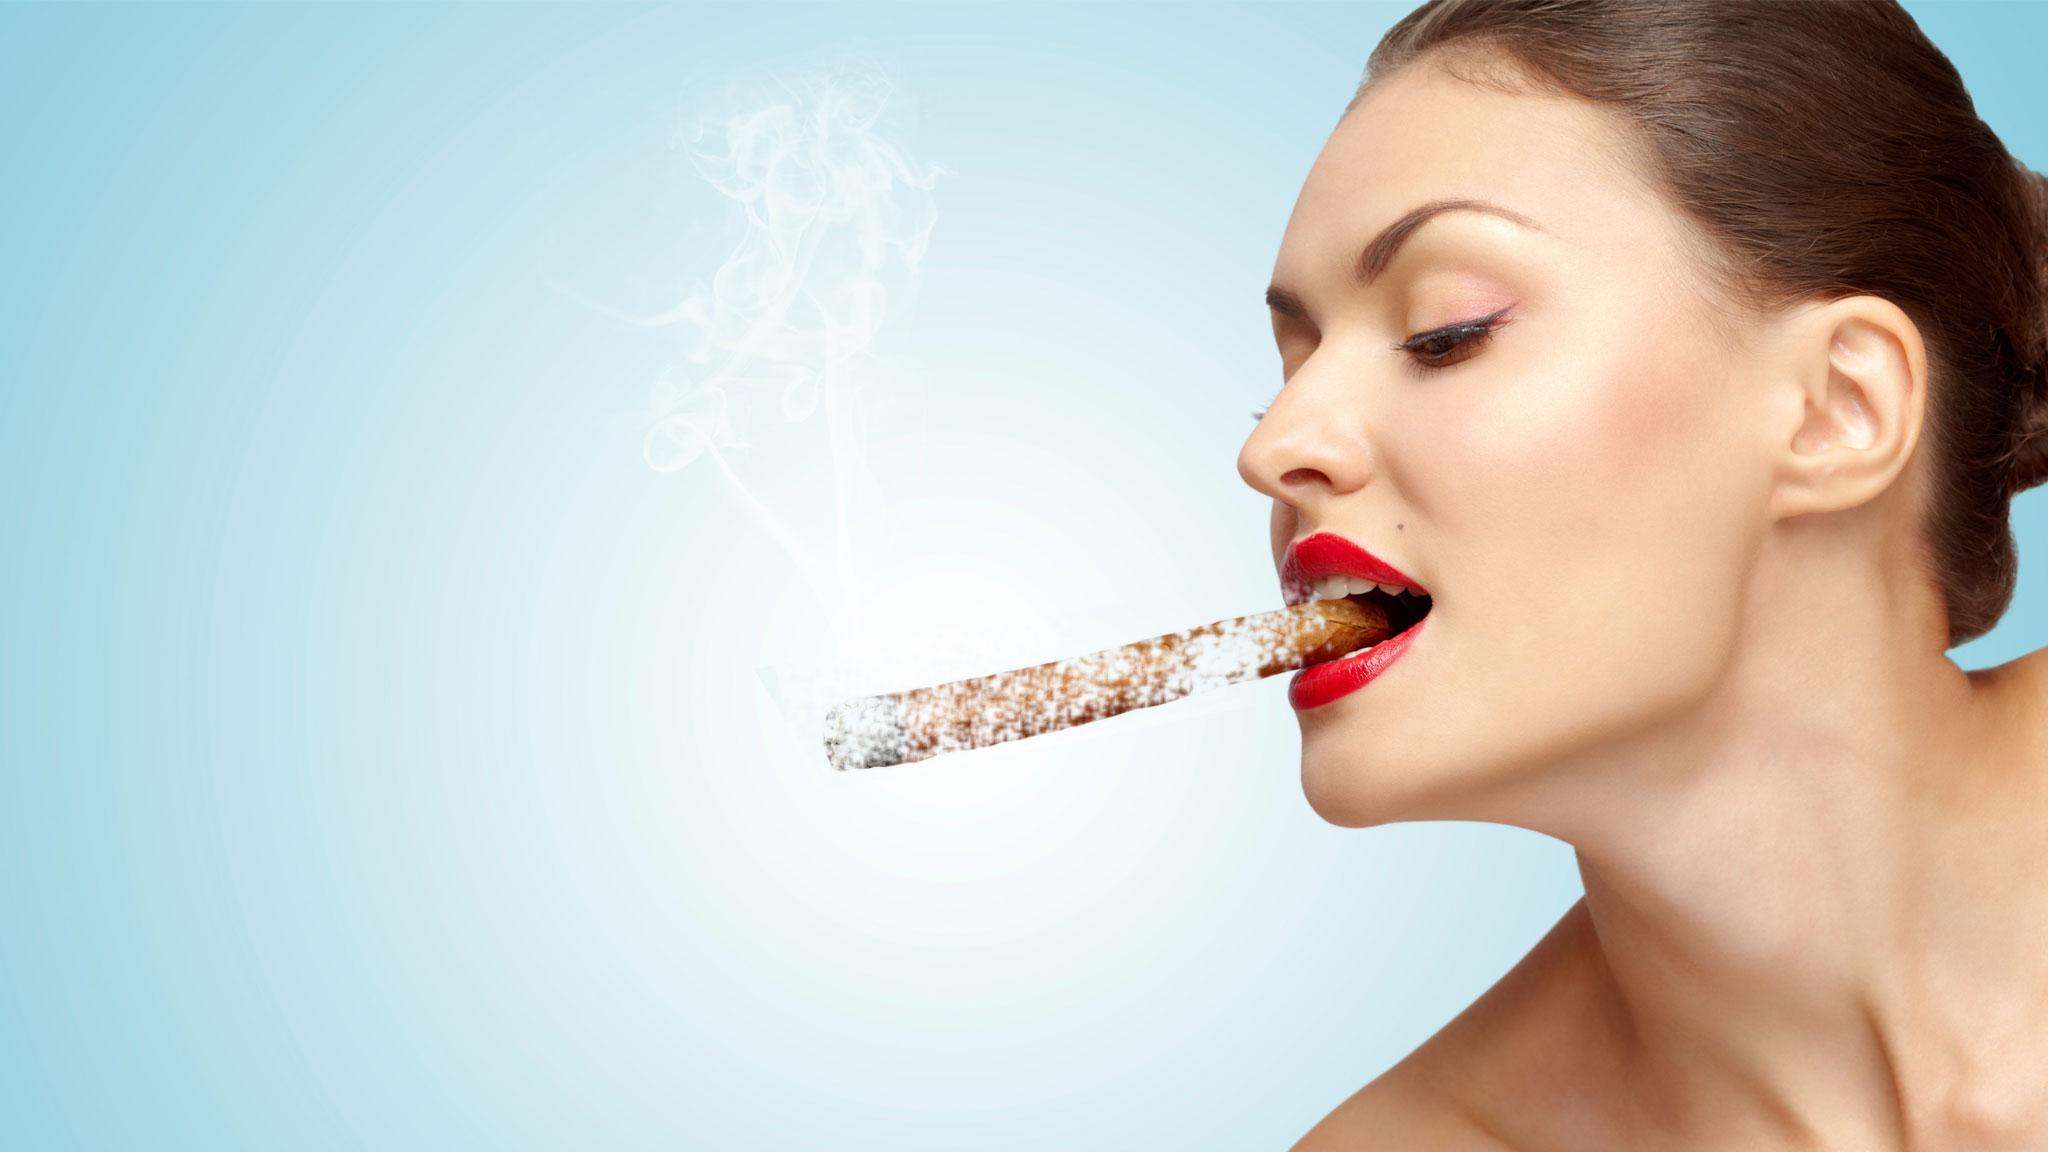 Die Nebenwirkungen beim Rauchstopp | MEN'S HEALTH